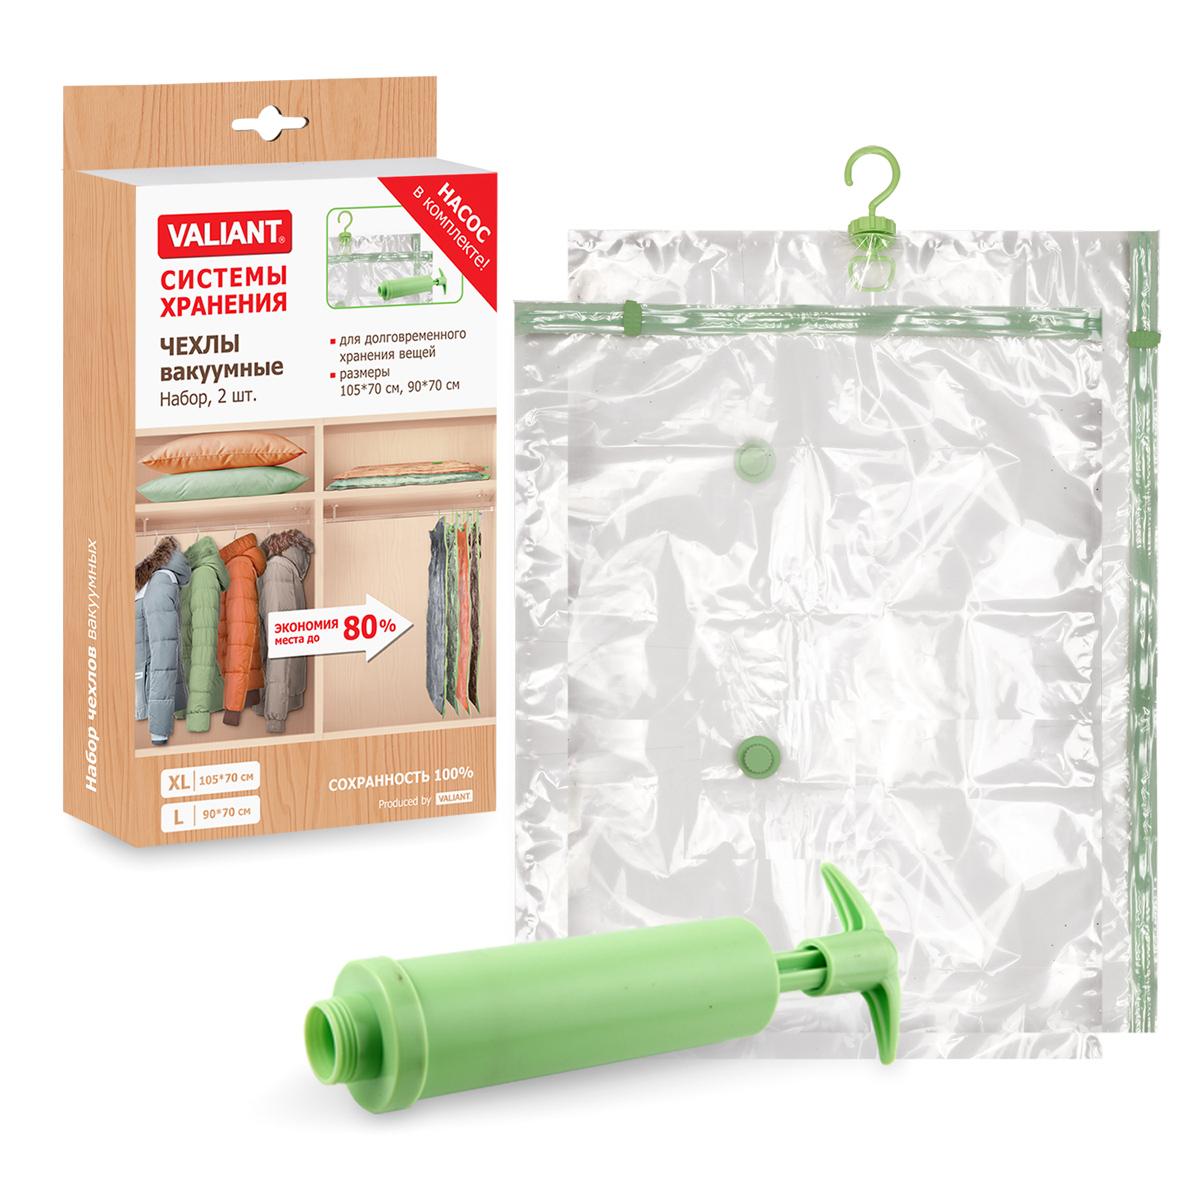 Набор чехлов вакуумных Valiant, с насосом, 2 штLMN1797Вакуумные чехлы Valiant предназначены для долговременного хранения вещей. Они отлично защитят вашу одежду от пыли и других загрязнений и поможет надолго сохранить ее безупречный вид. Чехлы изготовлены из высококачественных полимерных материалов. В комплект входит ручной насос. Достоинства чехлов Valiant: - вещи сжимаются в объеме на 80%, полностью сохраняя свое качество; - вещи можно хранить в течение целого сезона (осенью и зимой - летний гардероб, летом - зимние свитера, шарфы, теплые одеяла); - надежная защита вещей от любых повреждений - влаги, пыли, пятен, плесени, моли и других насекомых, а также от обесцвечивания, запахов и бактерий; - откачать воздух можно как ручным насосом, так и любым стандартным пылесосом (отверстие клапана 27 мм). Комплектация: 2 чехла, насос. Размеры чехлов: 105 см х 70 см; 90 см х 70 см.